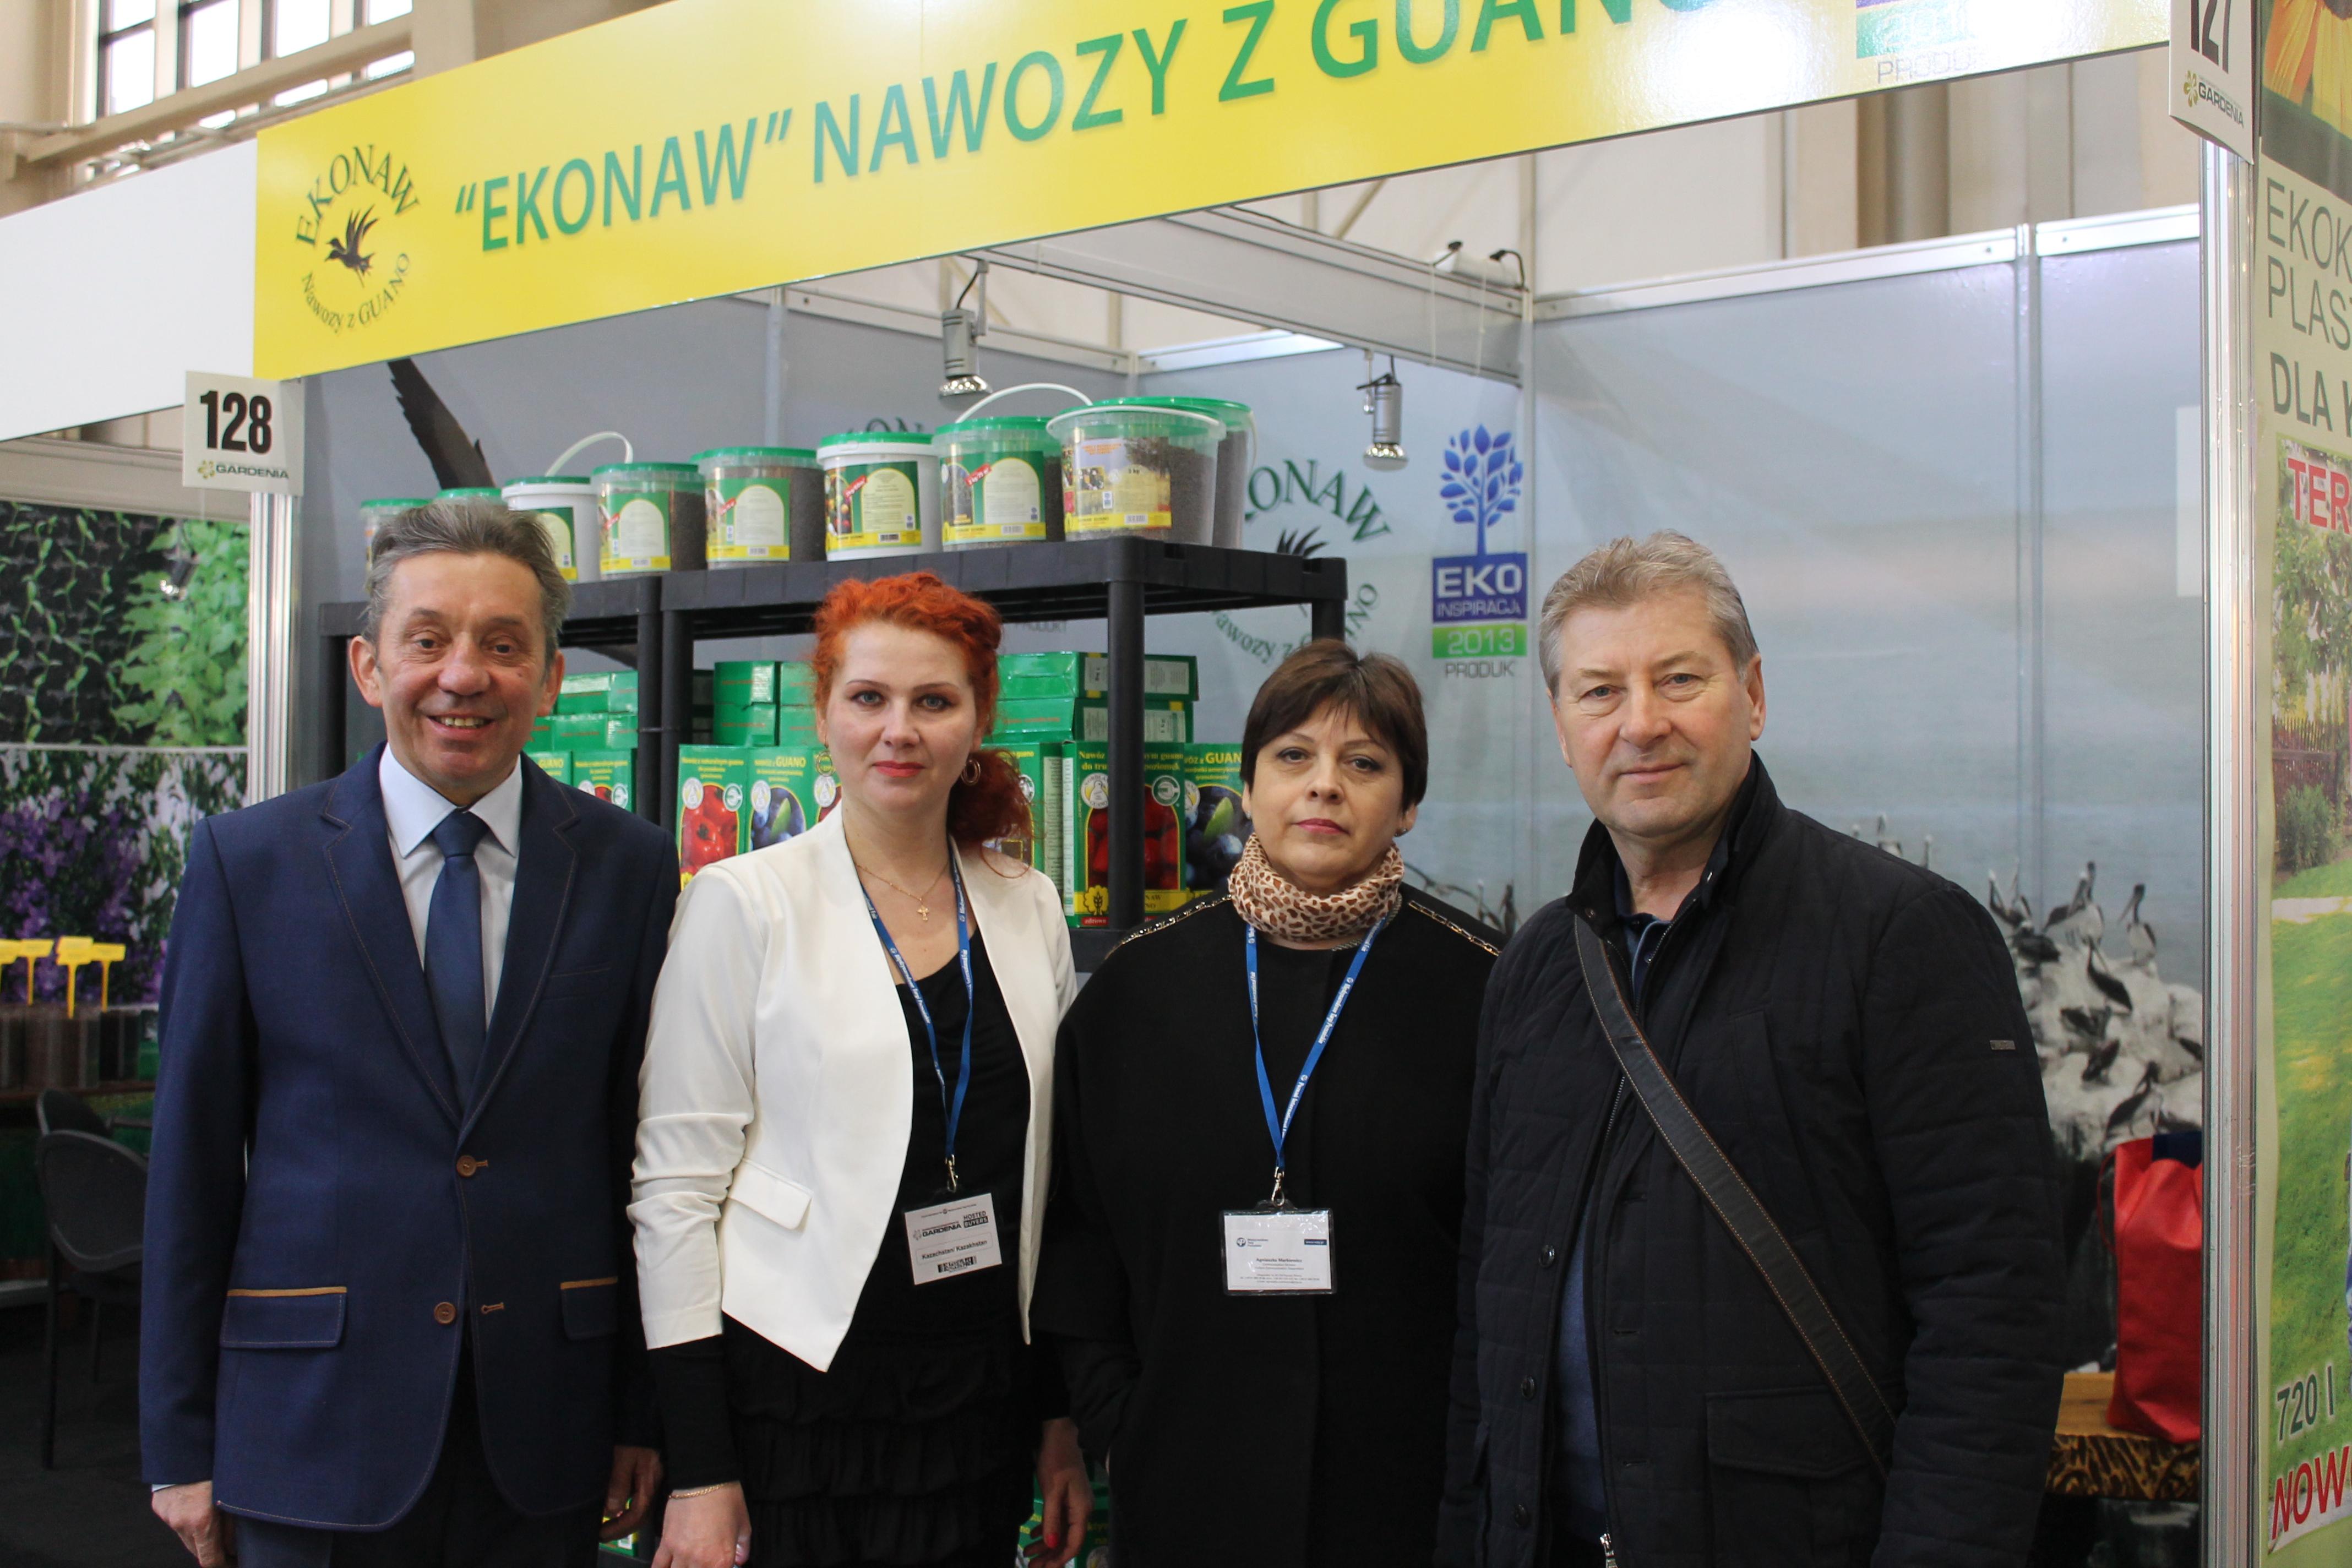 Dyrektor Handlowy Ekonaw - Pan Andrzej Bernaciak i goście z Kazachstanu